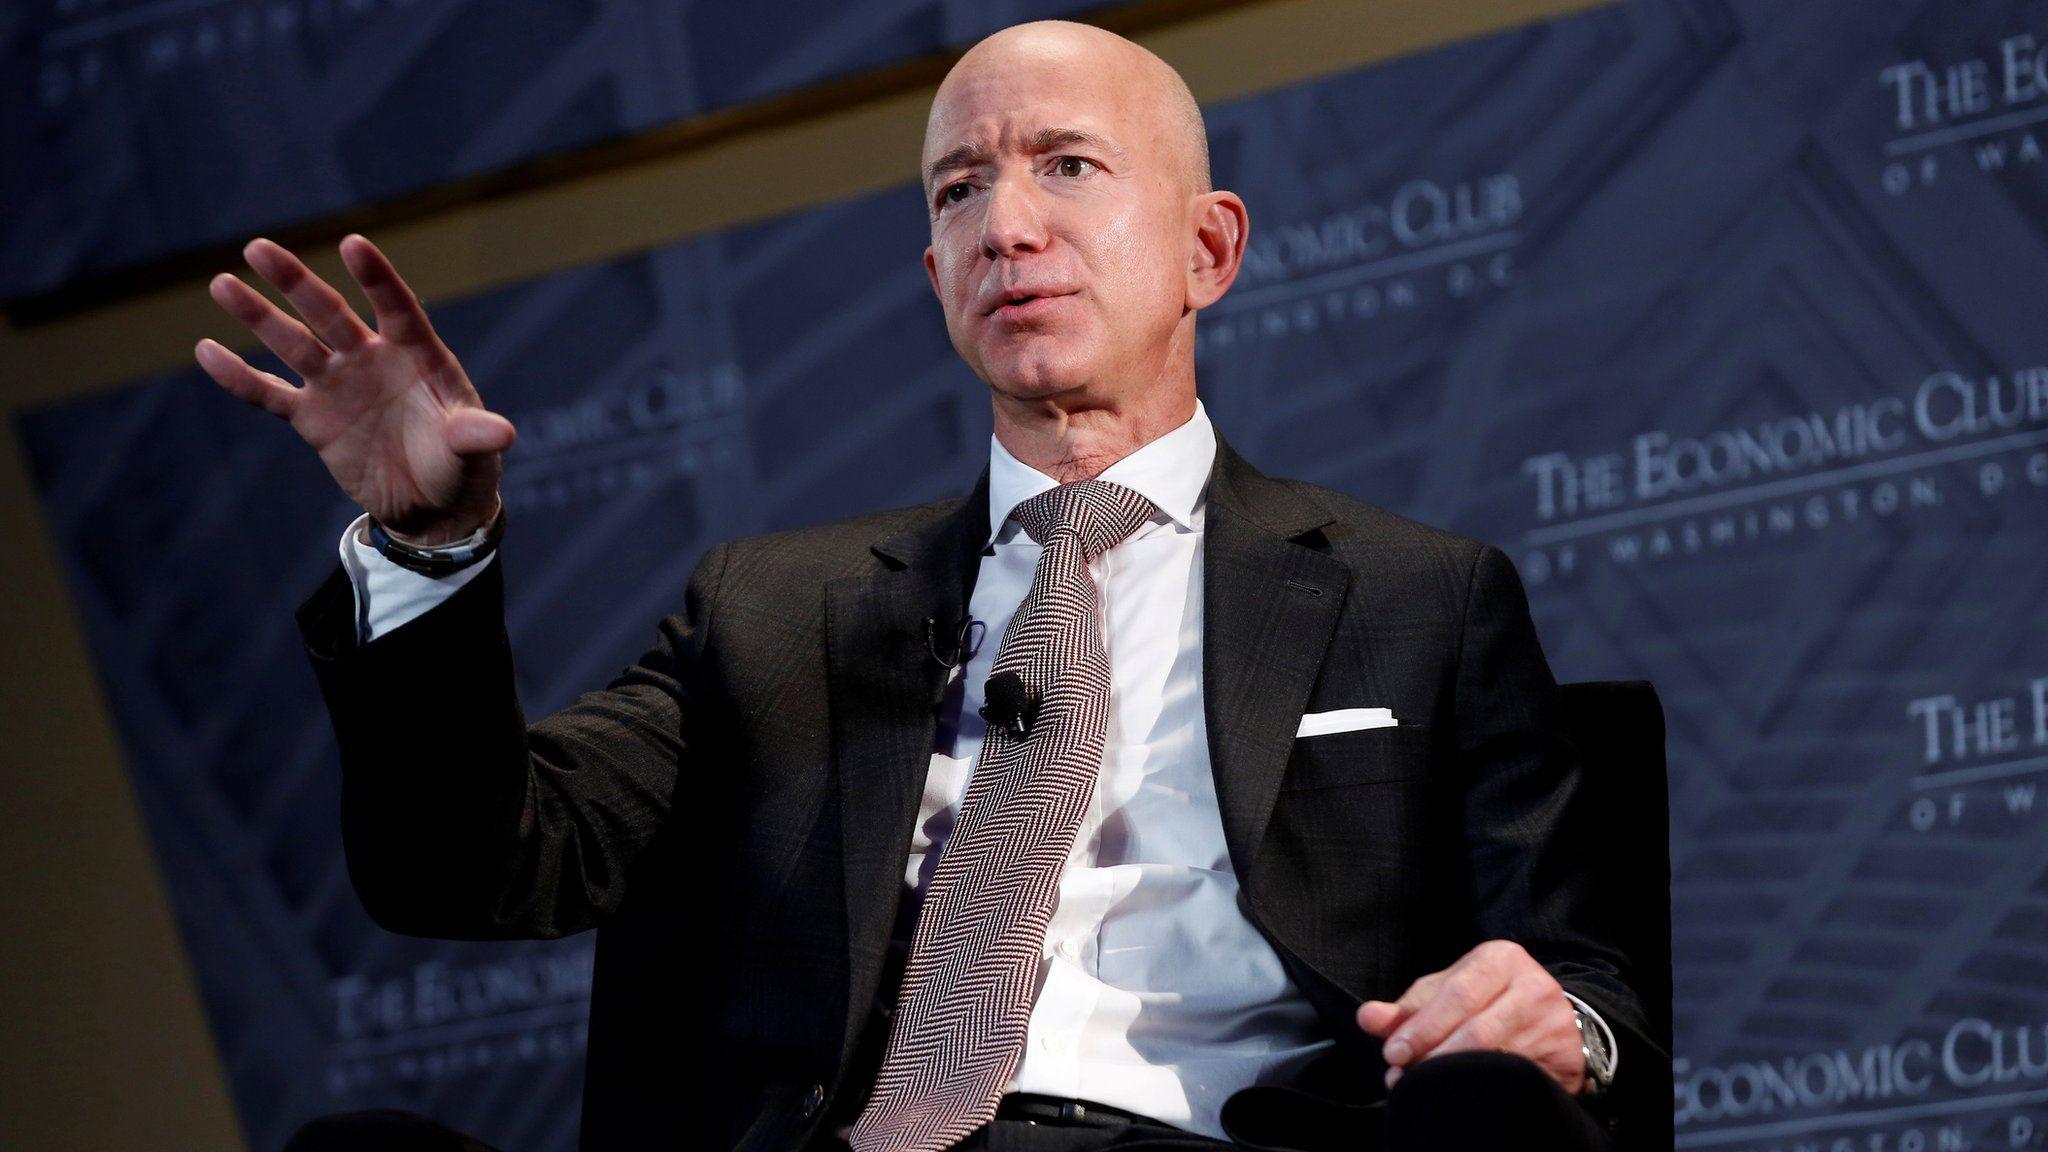 Pse njerëzit punojnë pavarësisht se janë miliarderë?